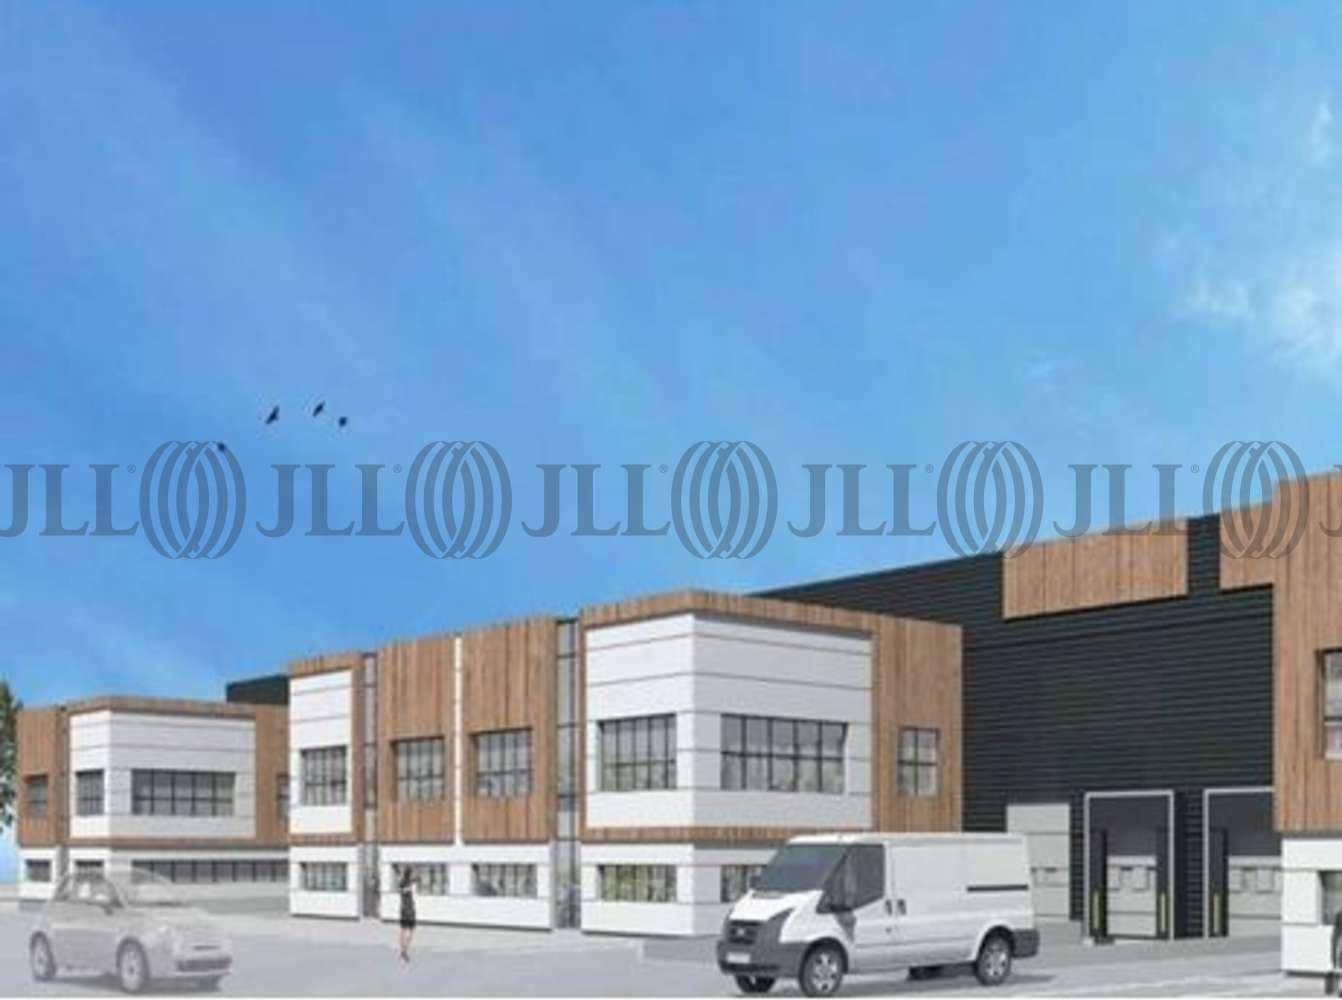 Activités/entrepôt Roissy en france, 95700 - SEGRO BUSINESS PARK ROISSY - 10487615